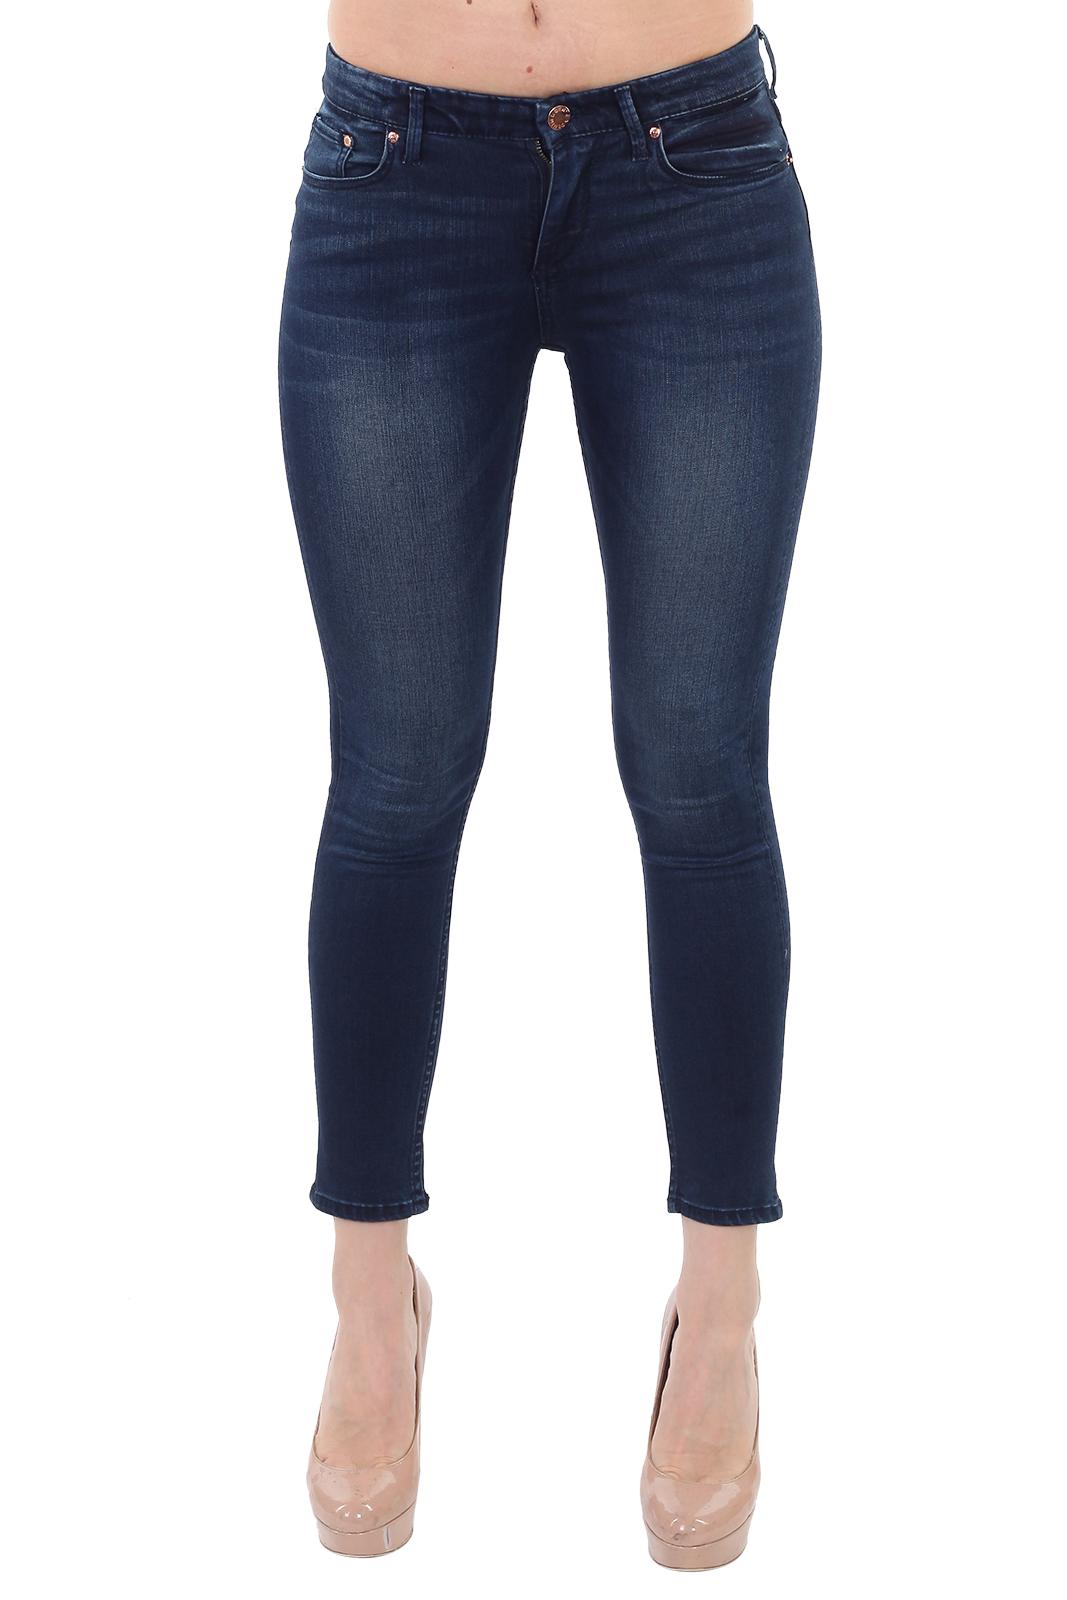 Купить в интернет магазине детские джинсы &Denim